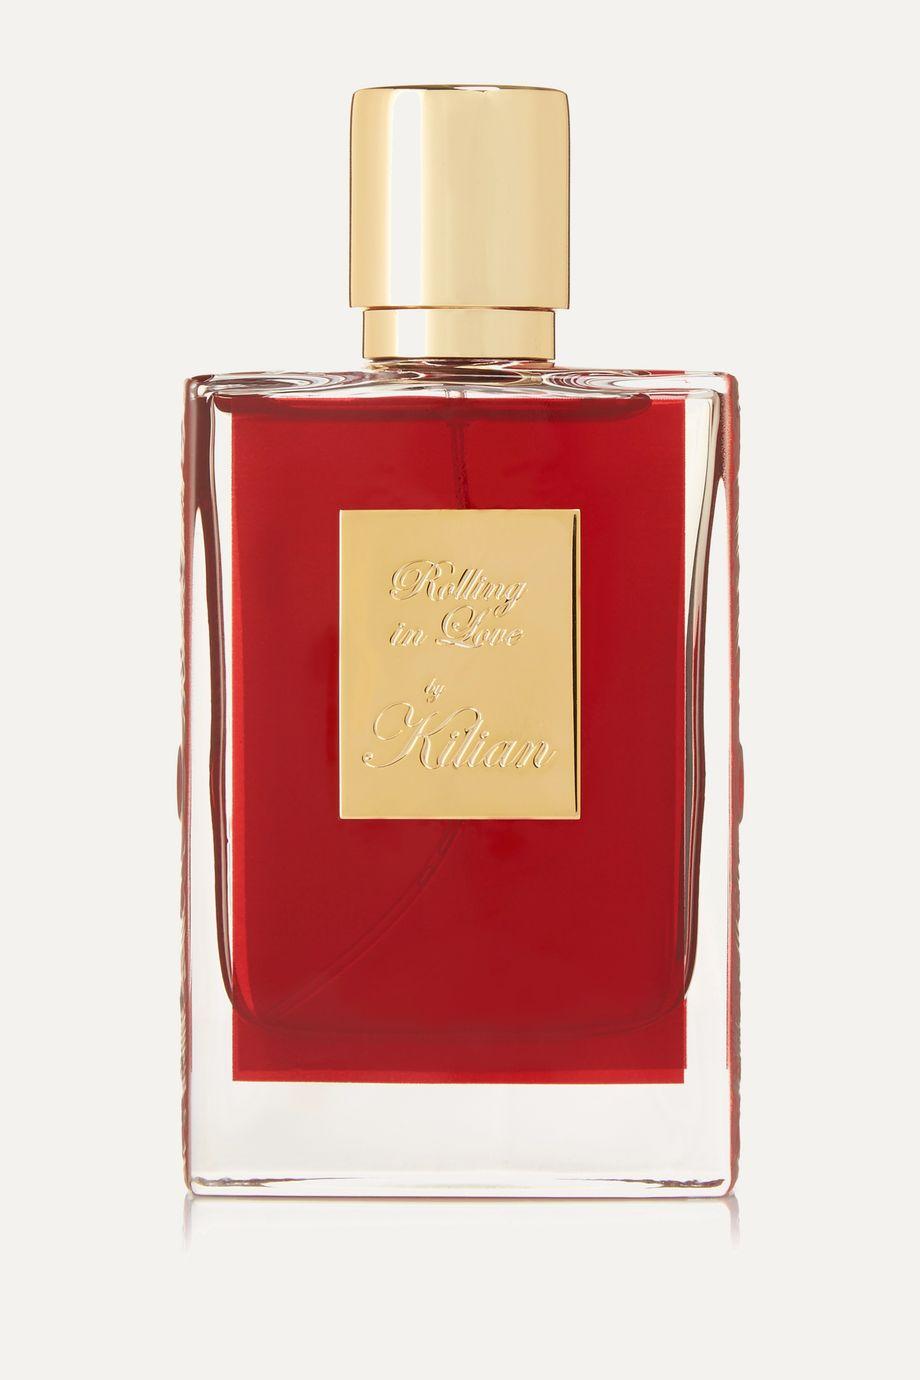 Kilian Rolling in Love, 50 ml – Eau de Parfum